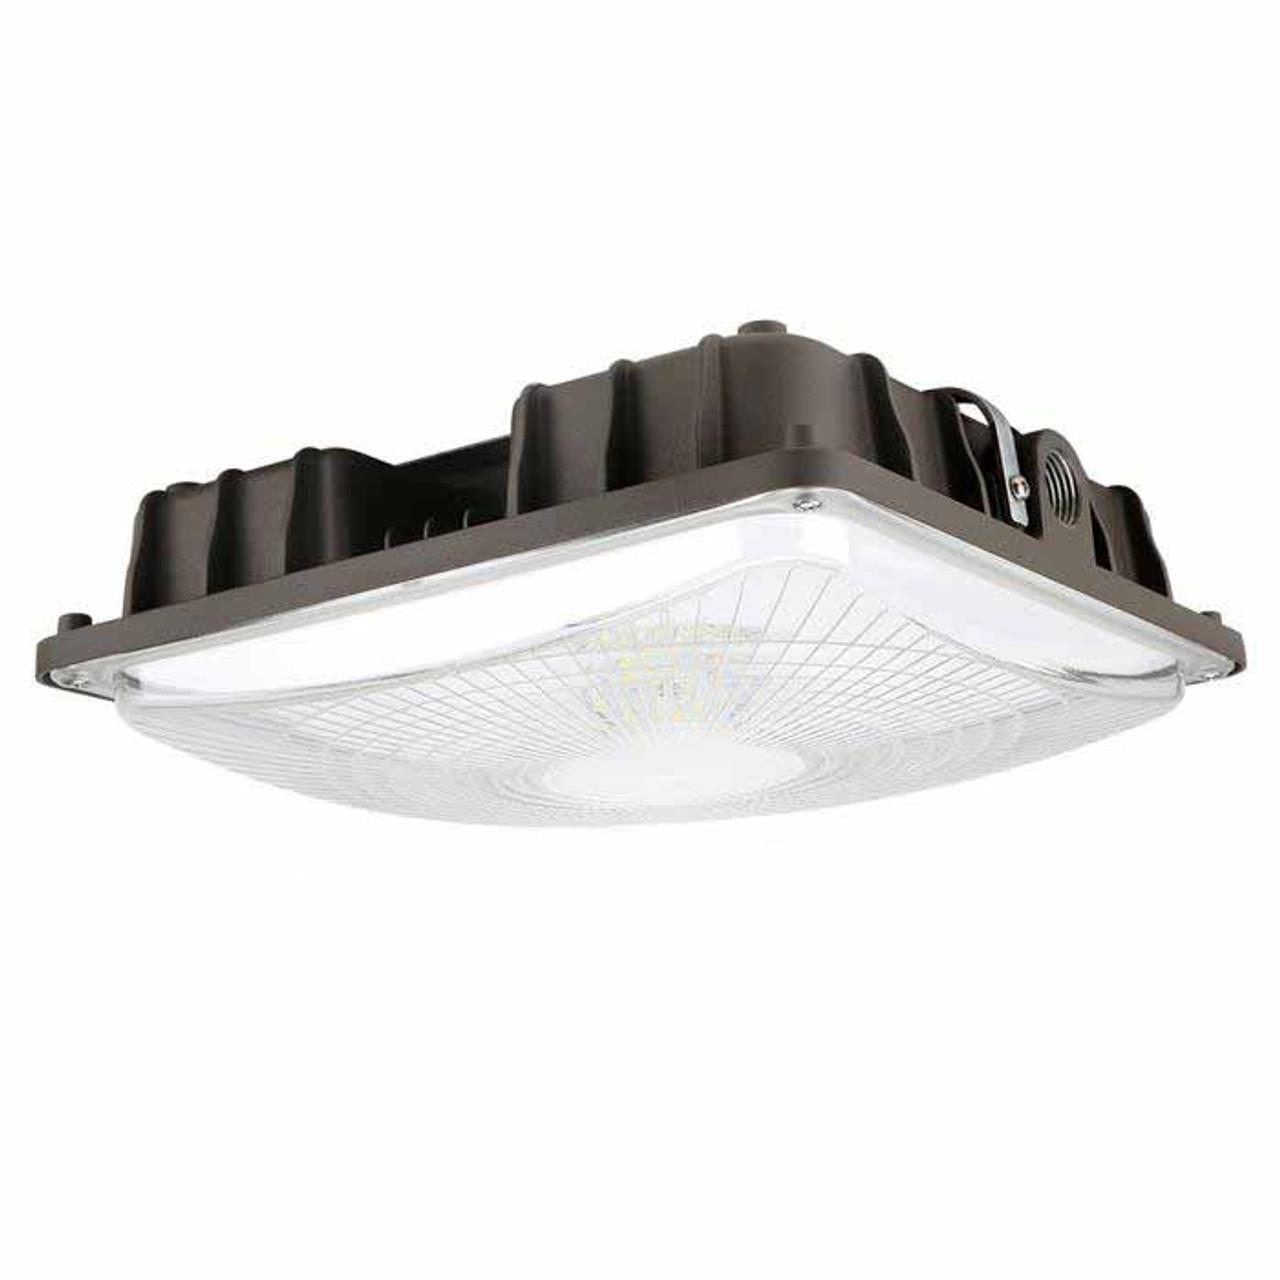 40 Watt LED Canopy